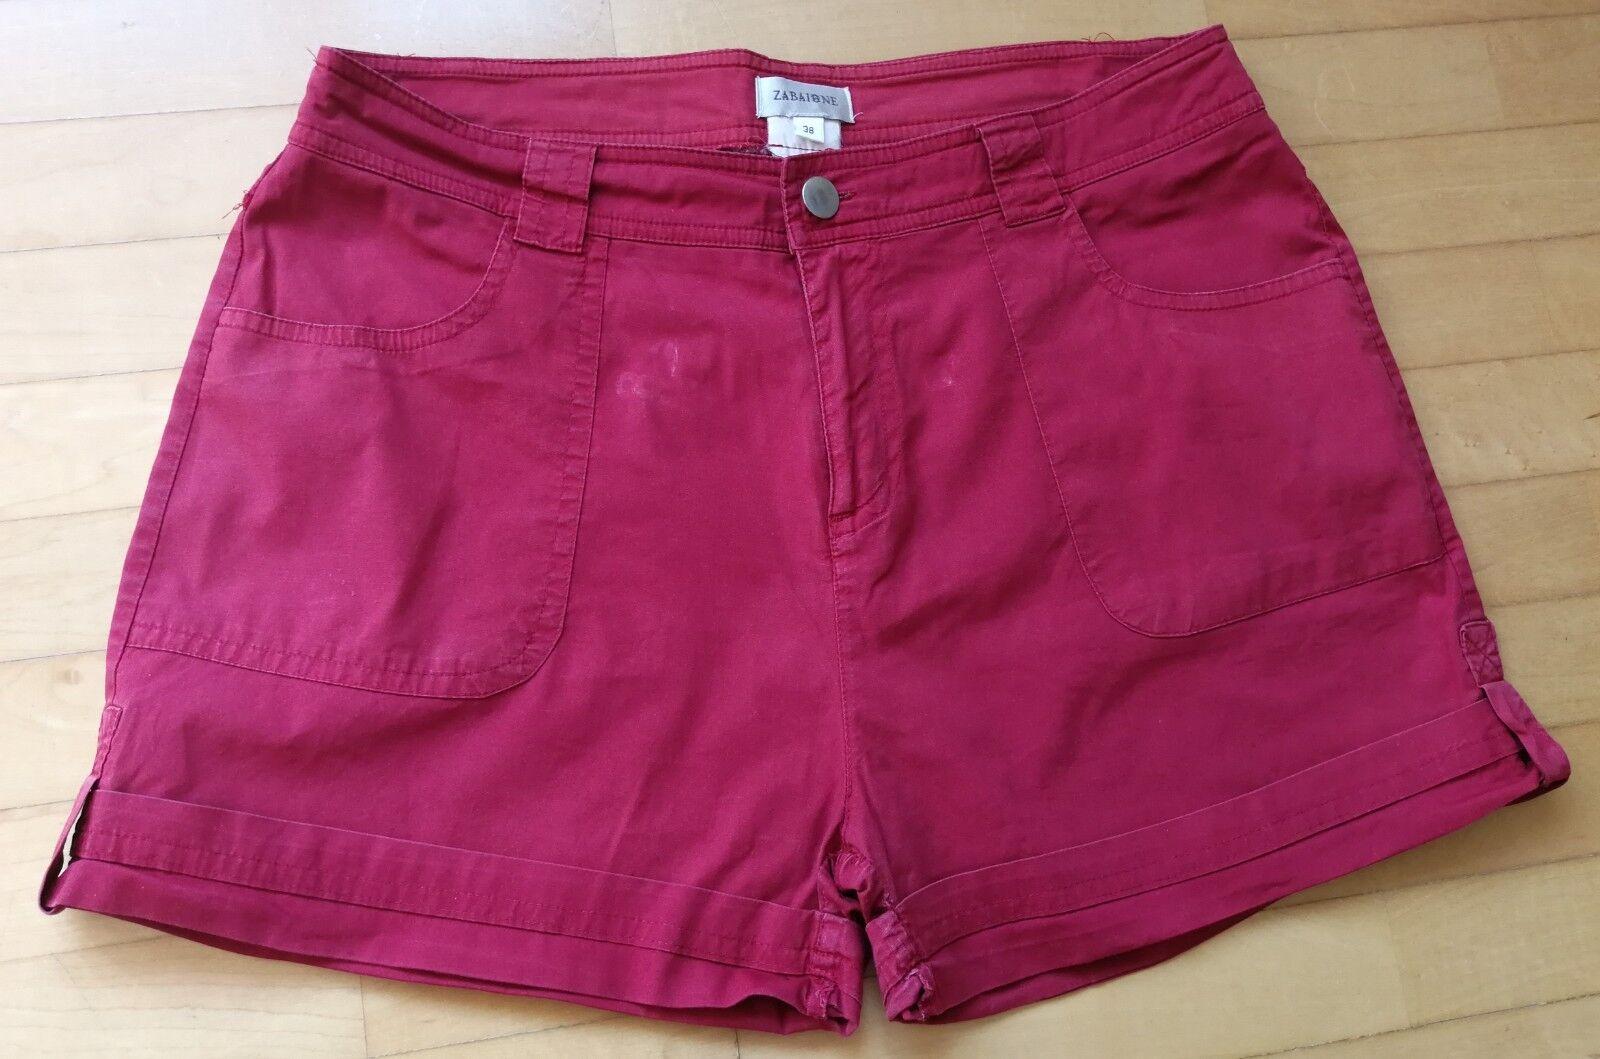 ZABAIONE - Damen Shorts - Größe 38 - rot - Sehr guter Zustand